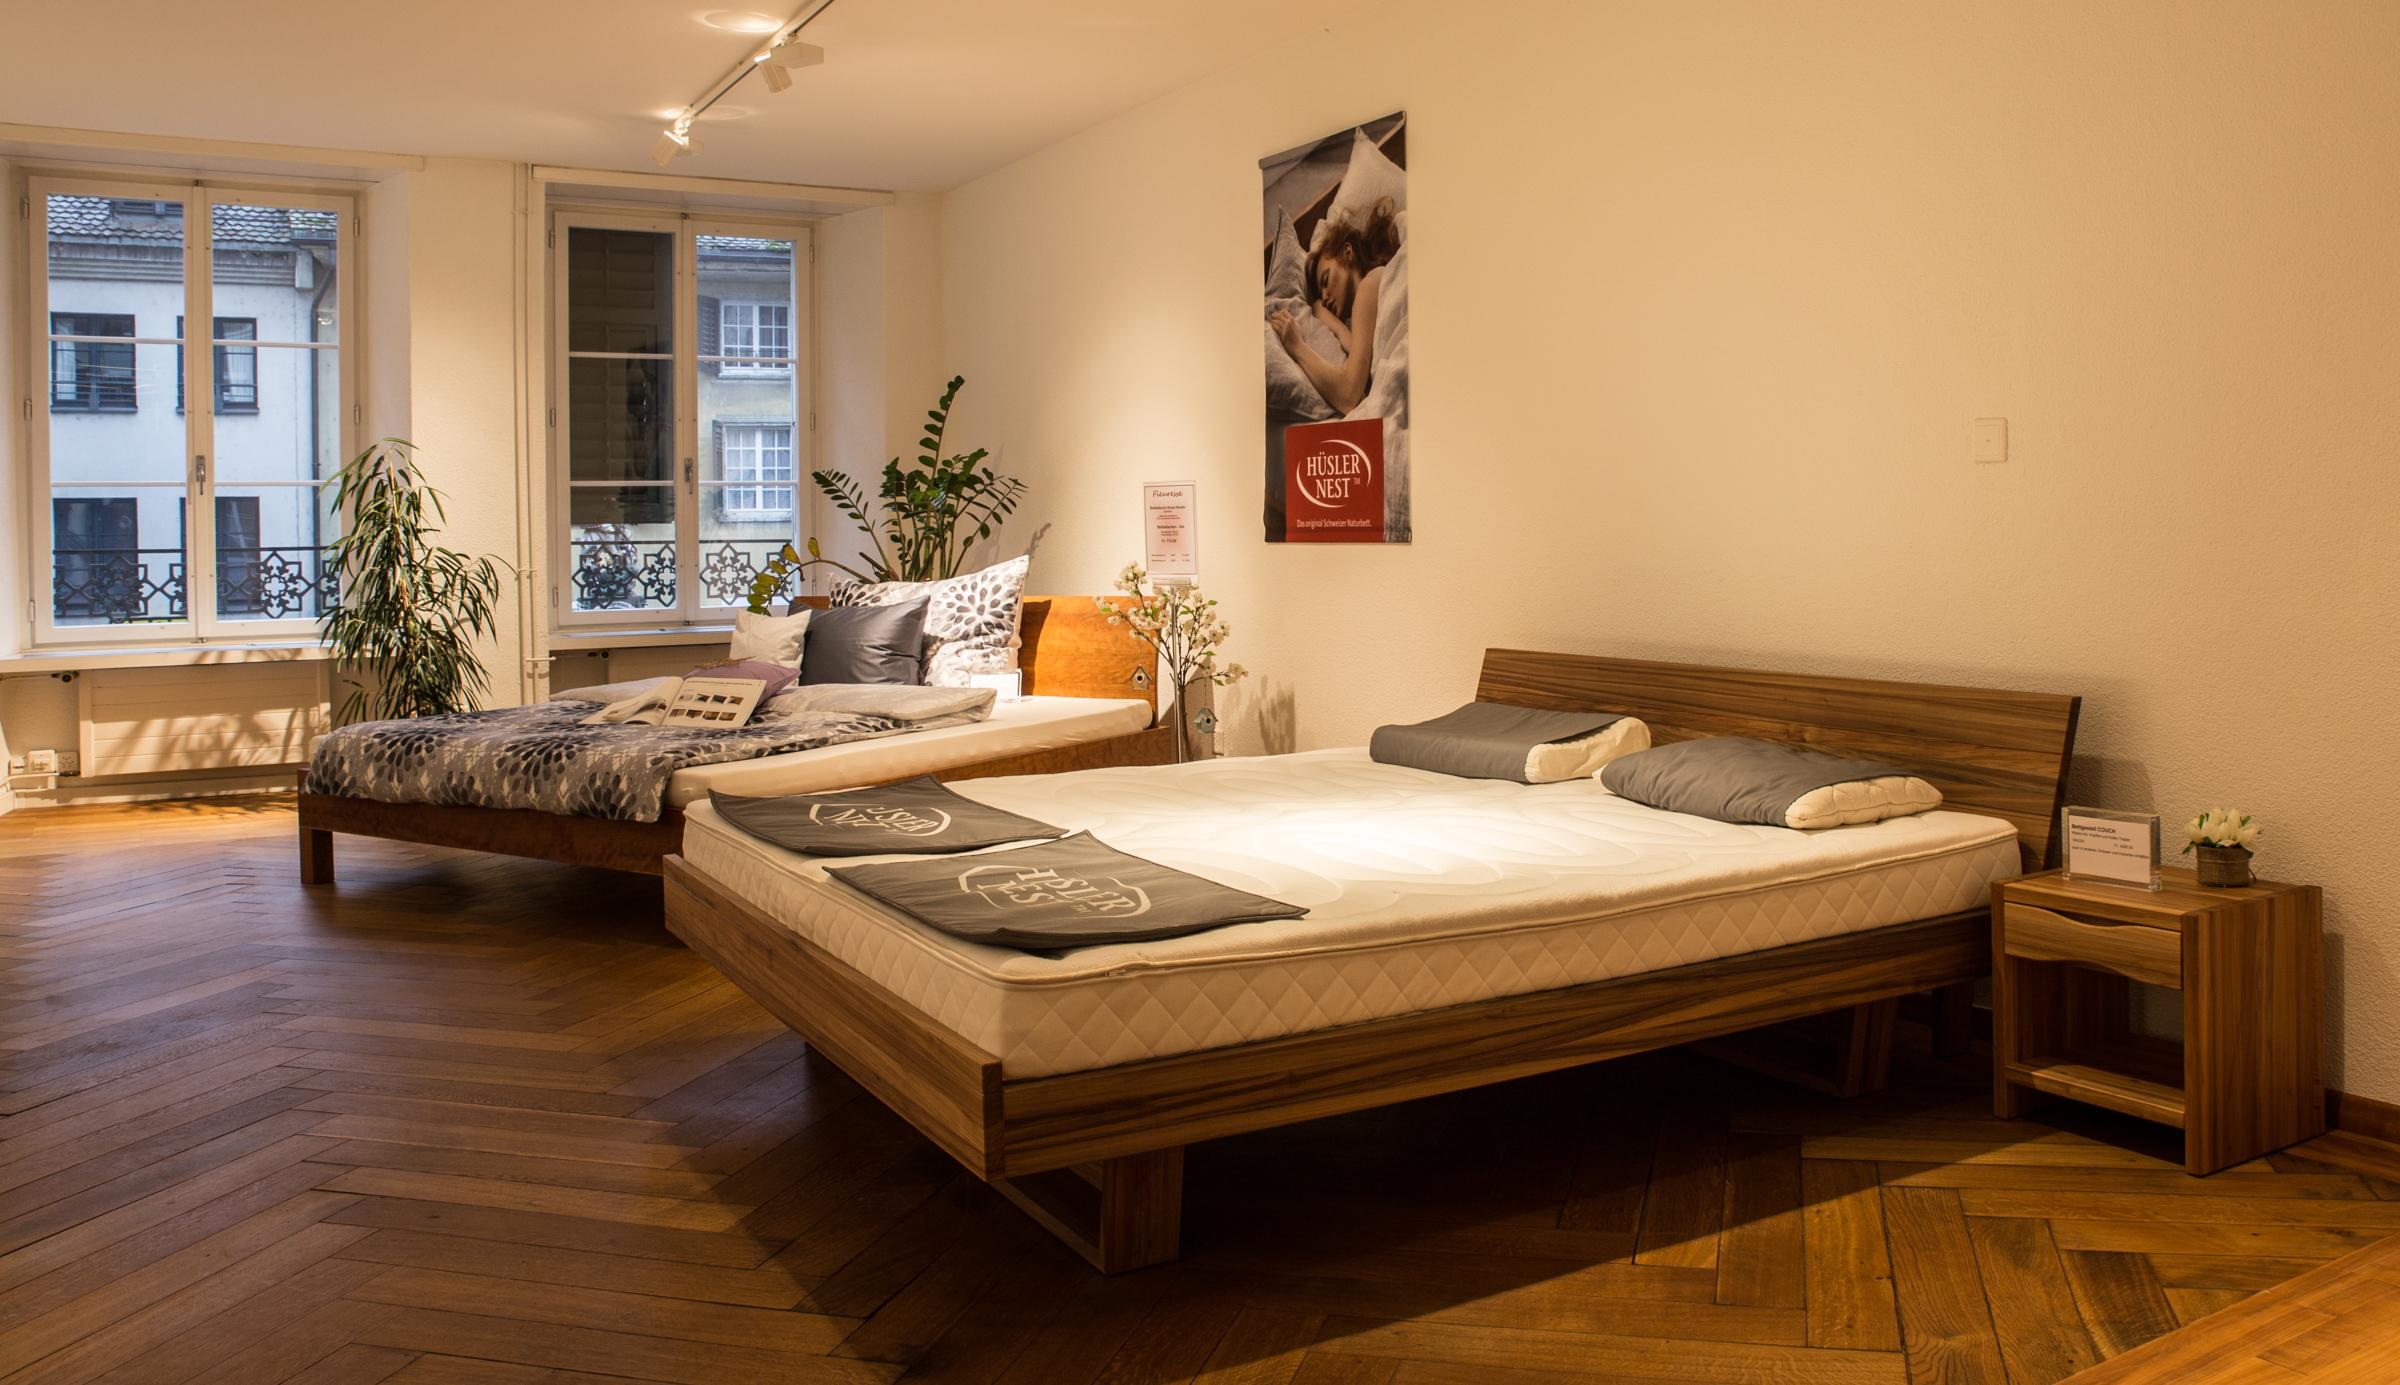 Hüsler Nest - Natürlicher Talalay-Latex-Kissengeschäft in Solothurn Solothurn